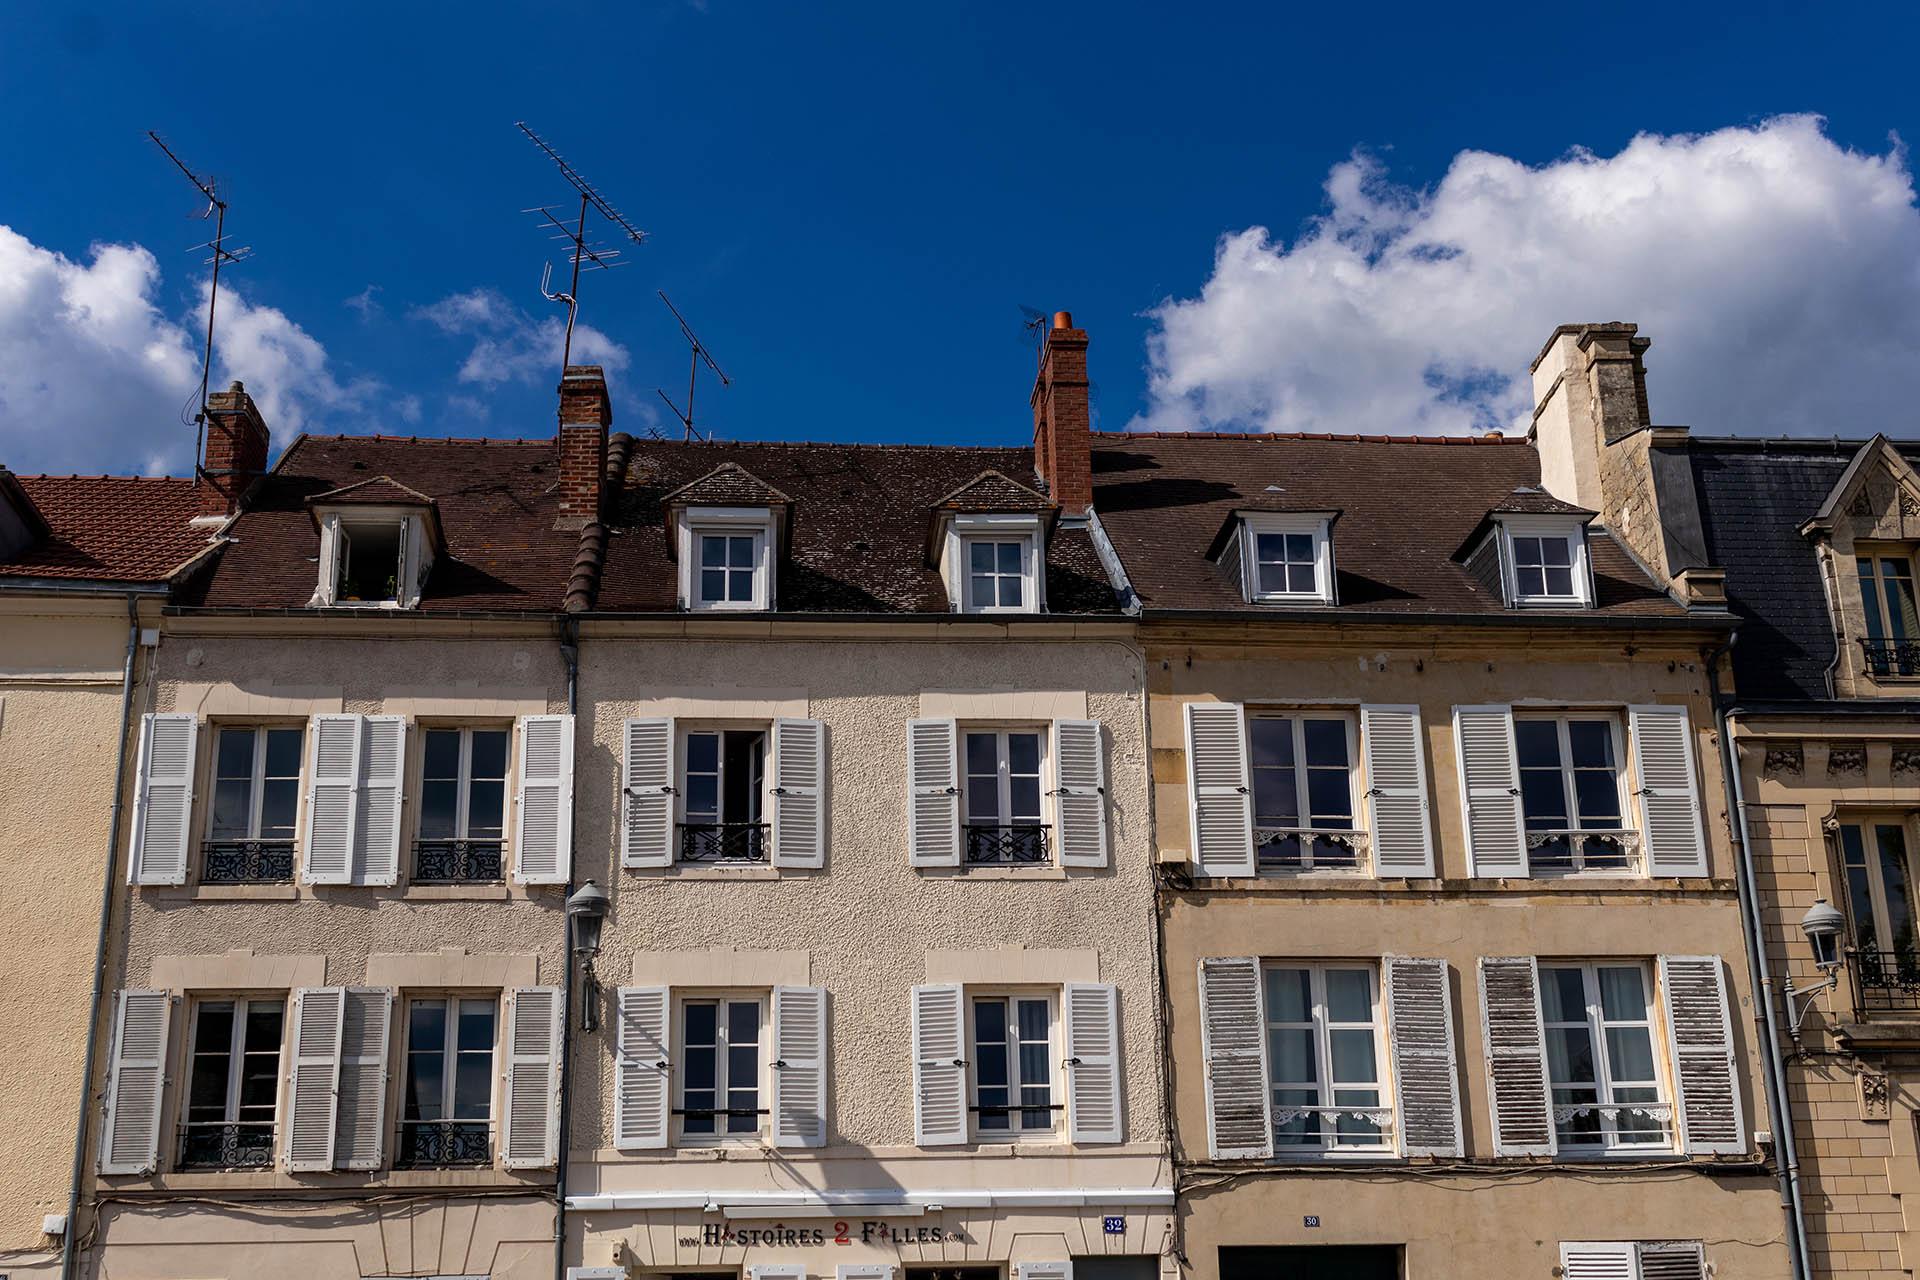 De gevels van de Franse huizen in het dorp Chantilly in Frankrijk